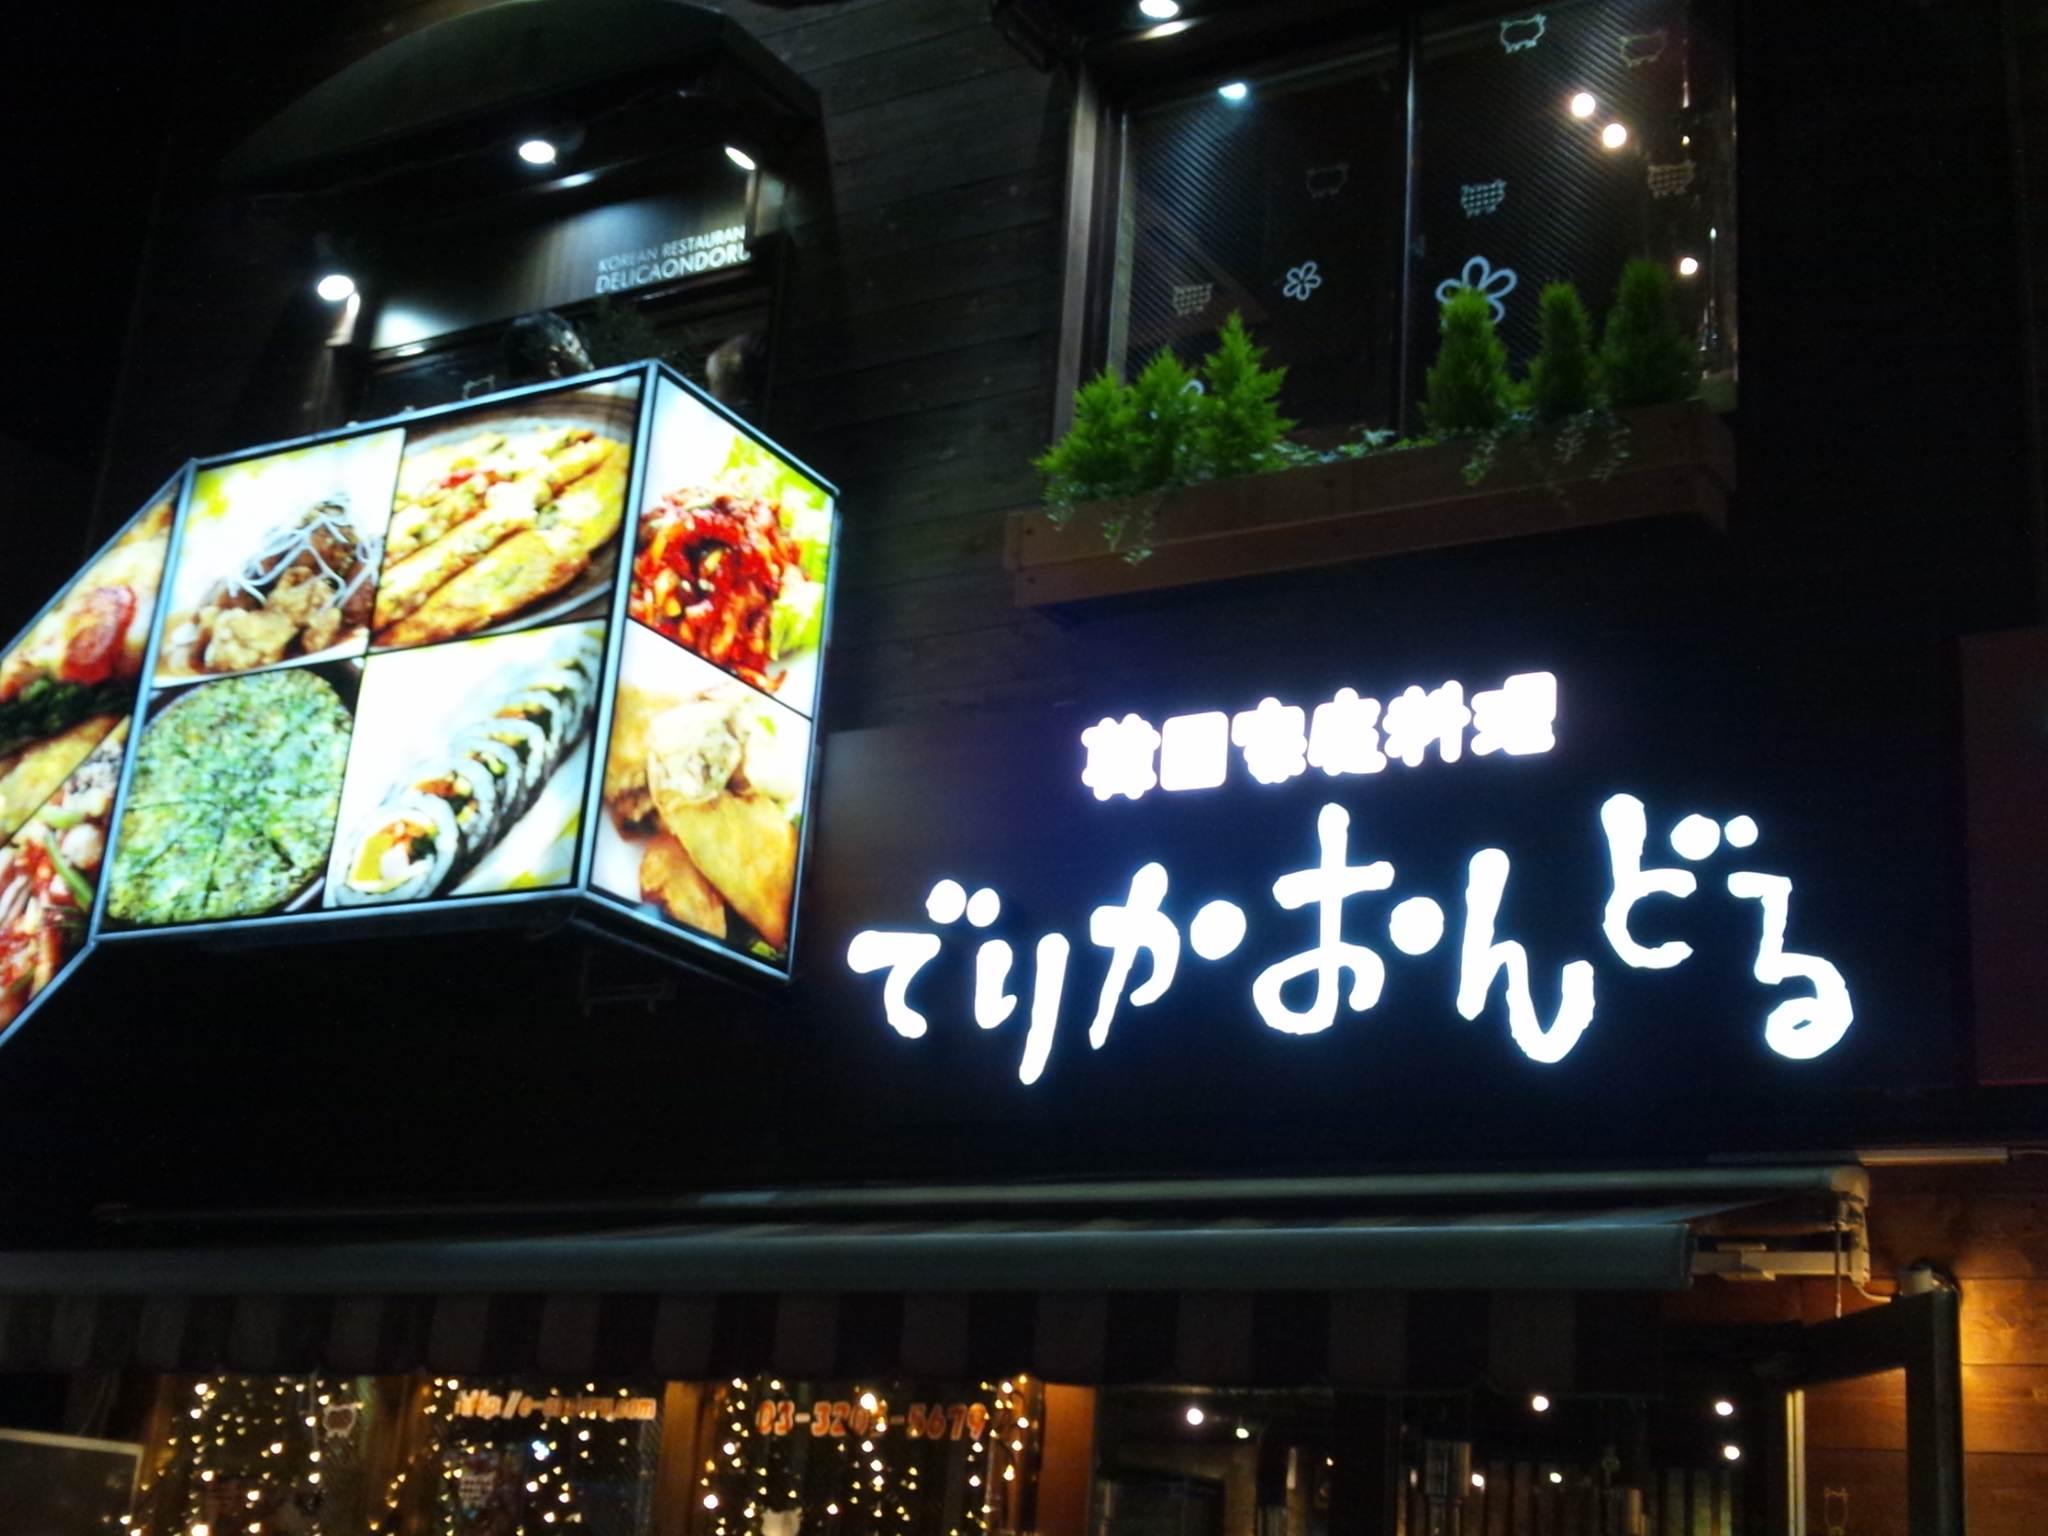 第4回攀桂堂展示販売会前半(*´▽`*)_b0165454_8442150.jpg